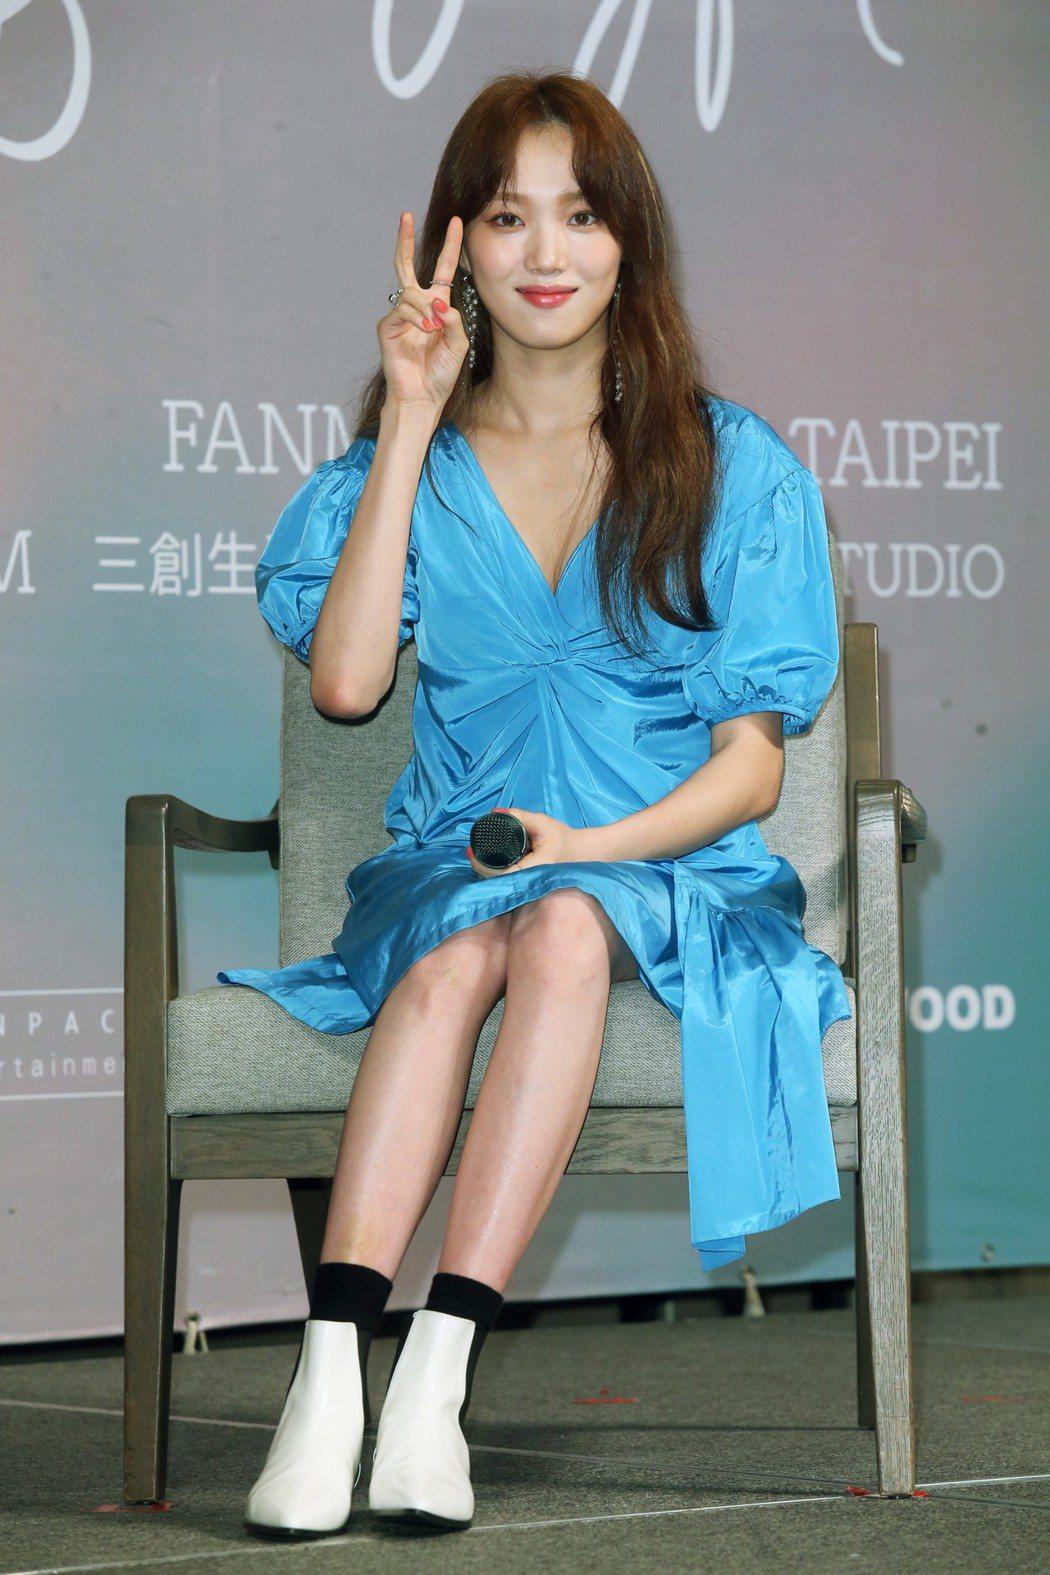 韓國女星李聖經在台北出席媒體見面會。記者徐兆玄/攝影